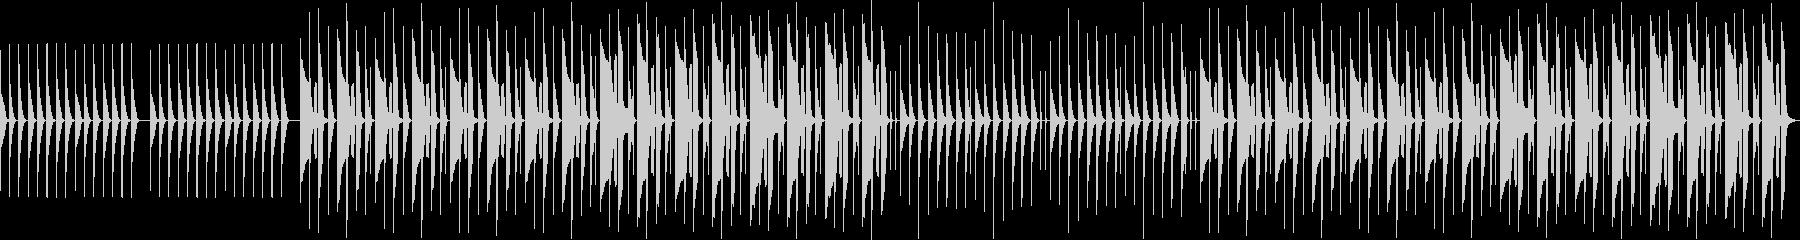 気の抜けたリコーダー曲【ループ】の未再生の波形